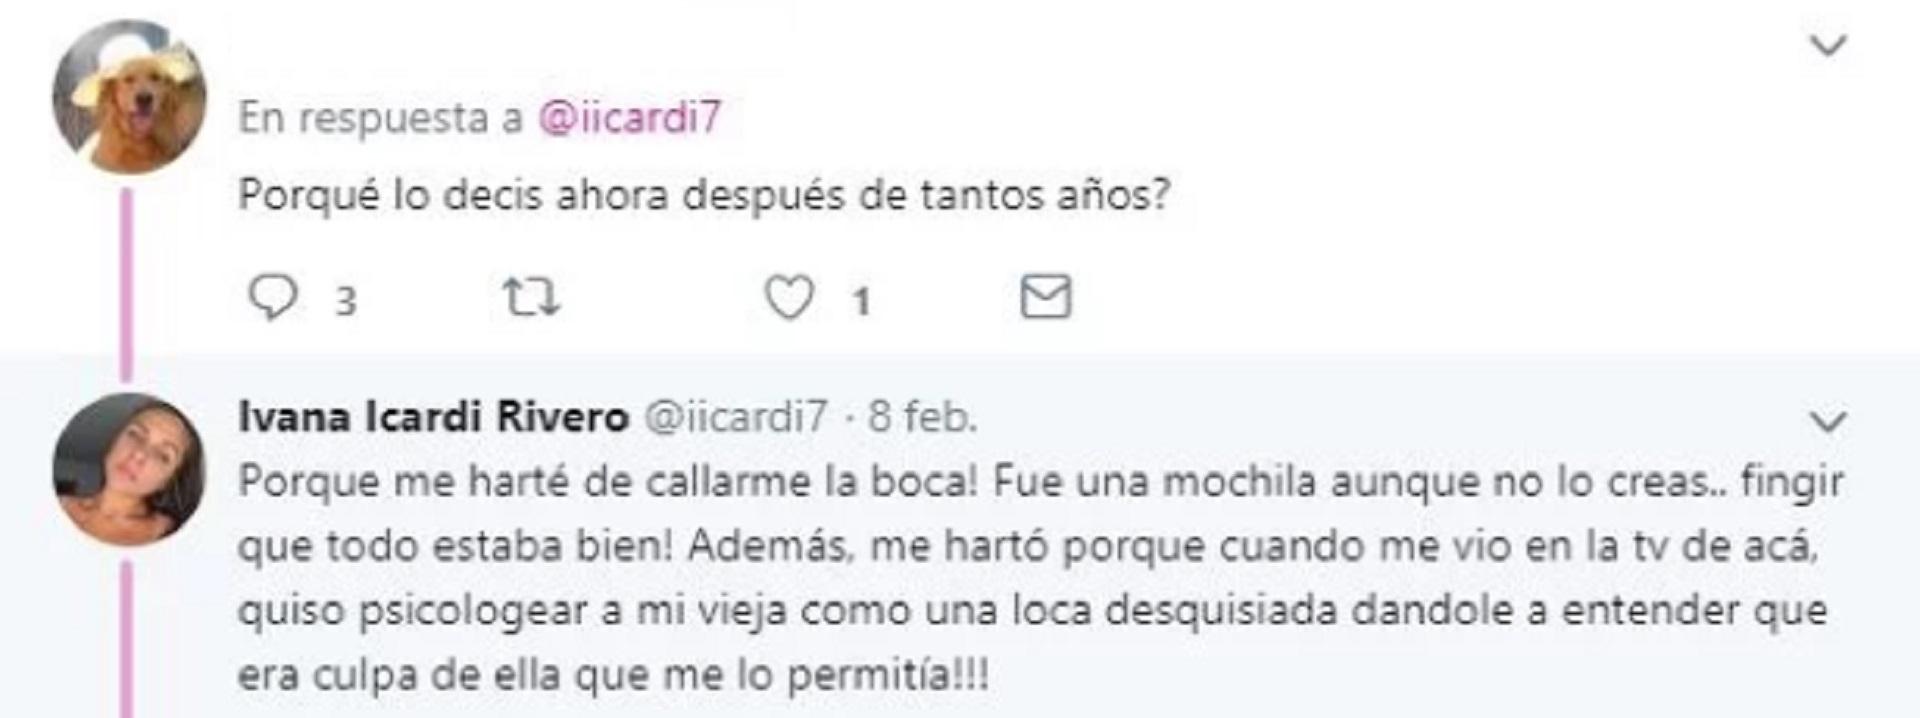 La respuesta de Ivana Icardi a una de sus seguidoras